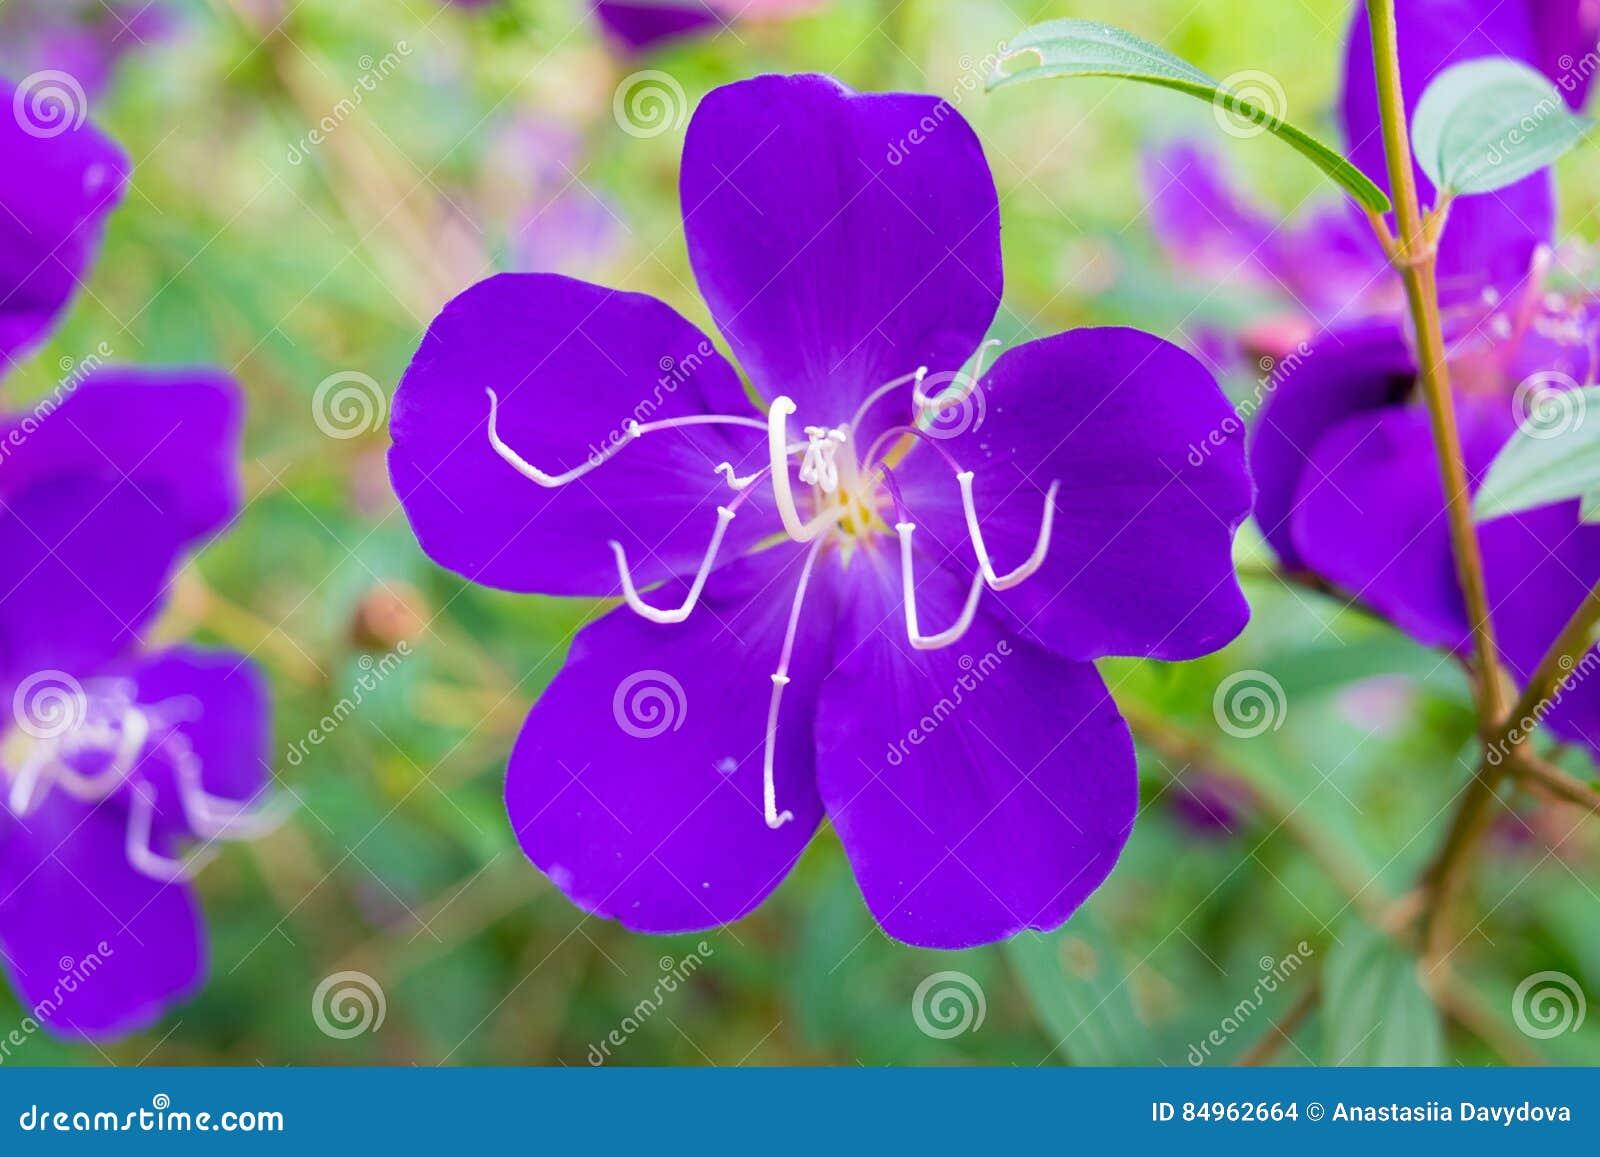 Фиолетовый цветок с тычинками